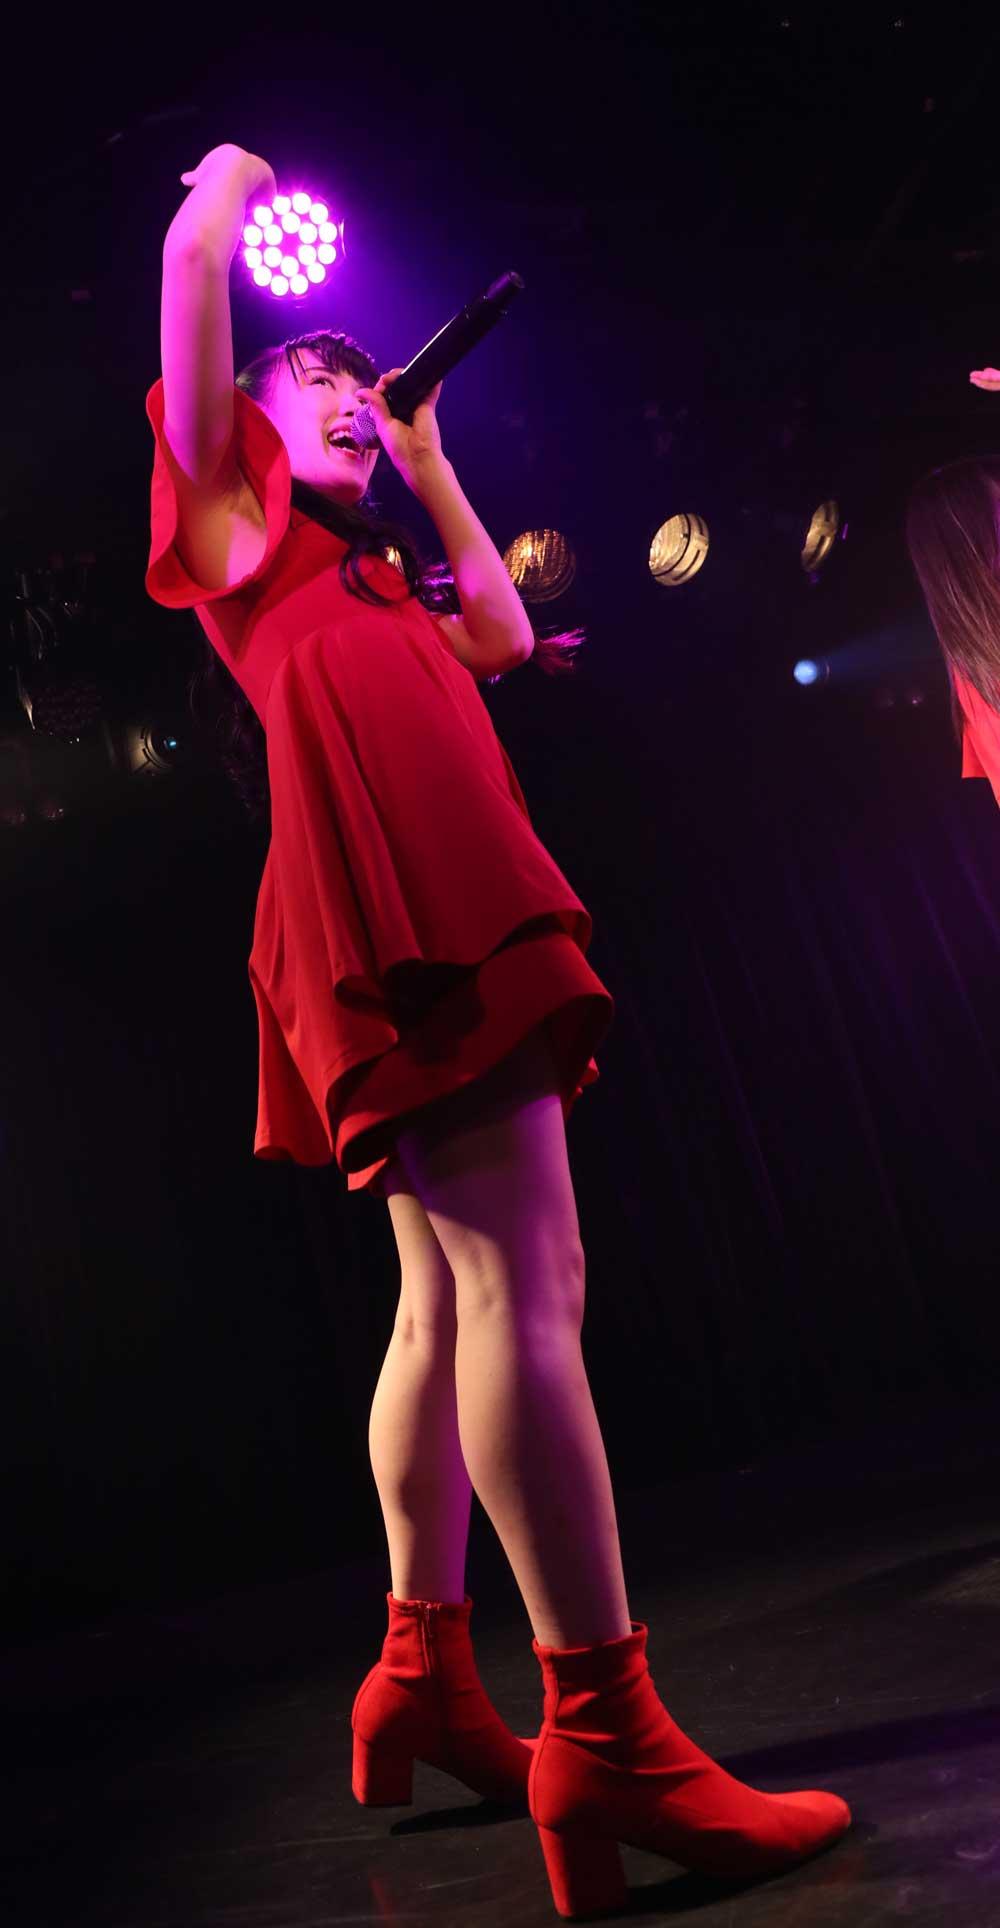 Images : 8番目の画像 - 「九州女子翼/東京定期で新曲披露。前回を大幅にアップデートする、圧倒的な進化を果たしたパフォーマンスで会場のオーディエンスを熱狂させた」のアルバム - Stereo Sound ONLINE